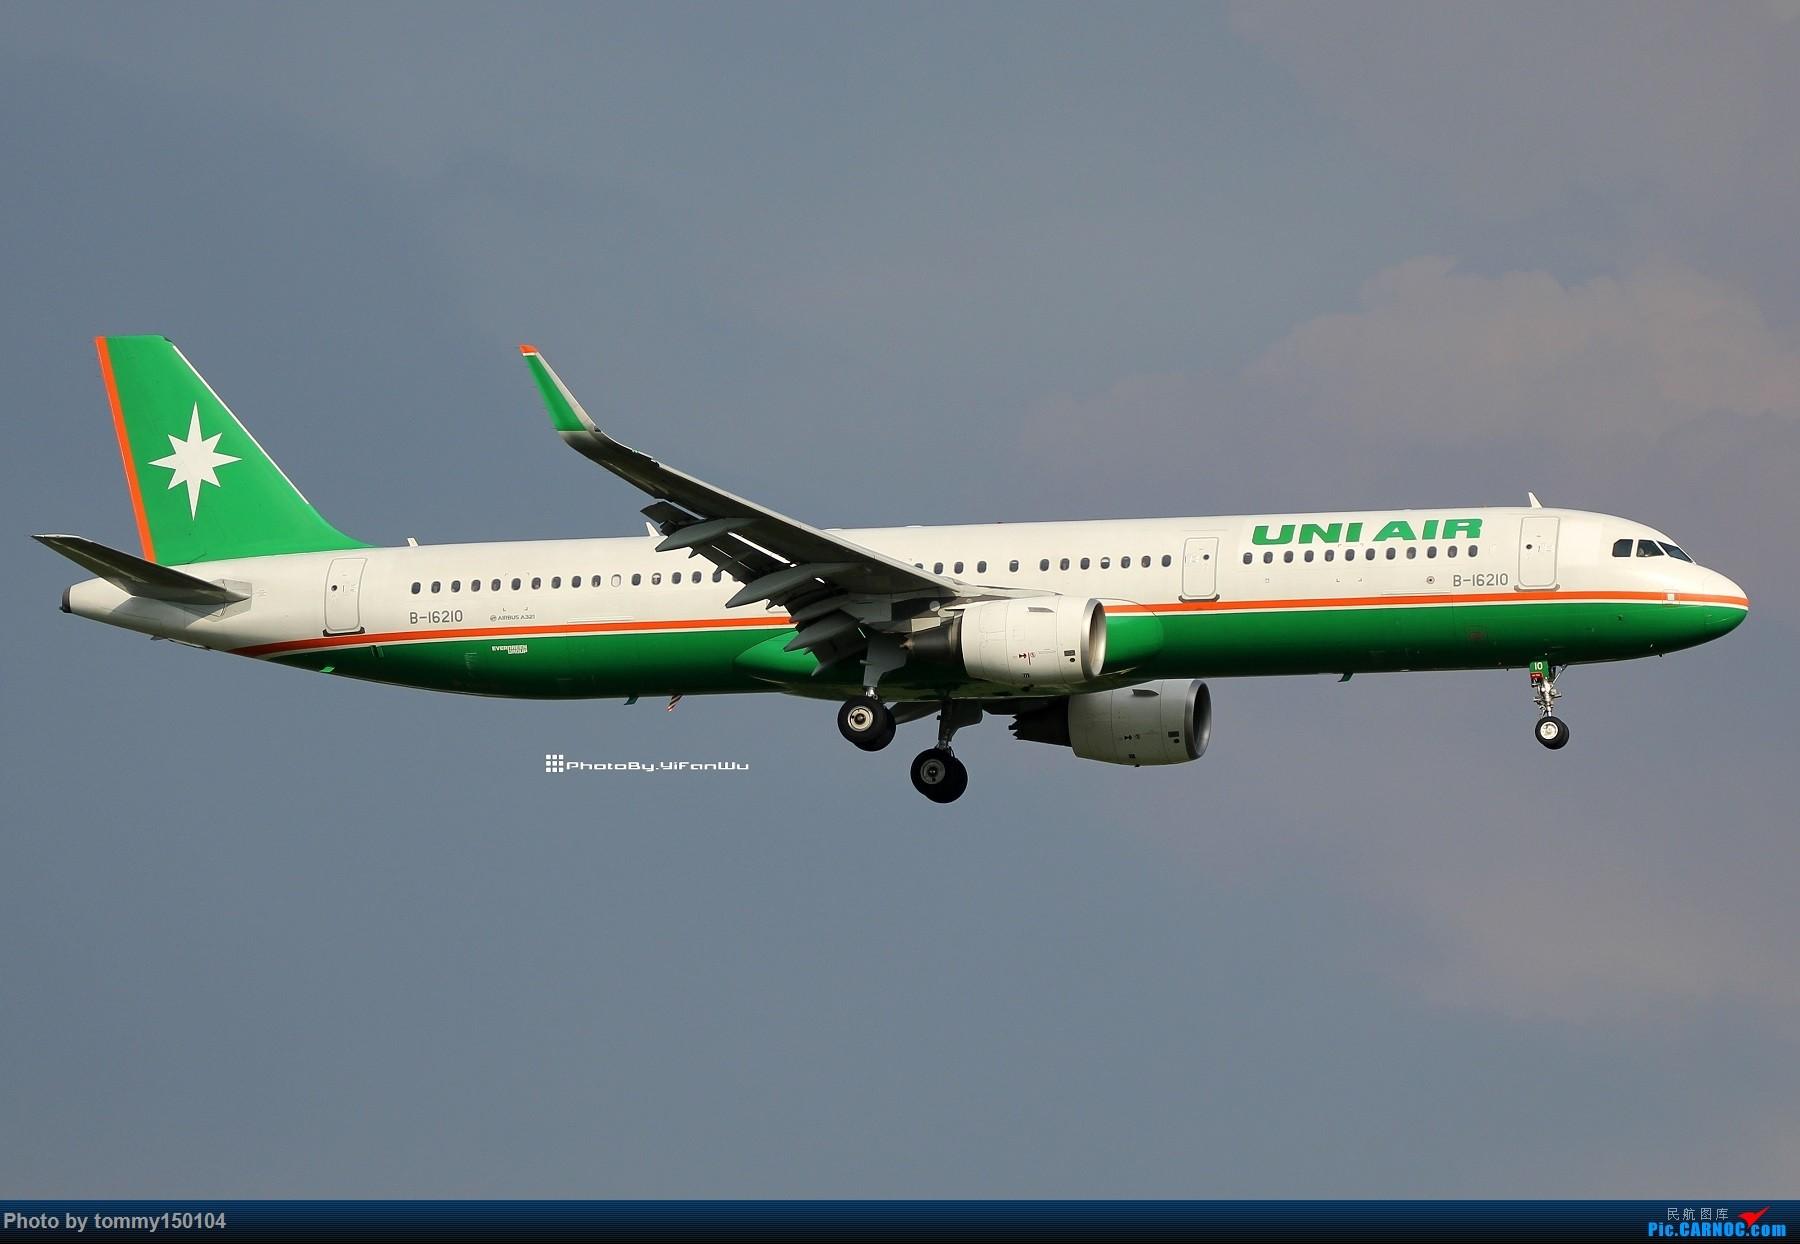 Re:[原创]【TPE】台北桃園降落一組!(找廣州或上海飛友帶路~) AIRBUS A321-200 B-16210 中国台北桃园国际机场